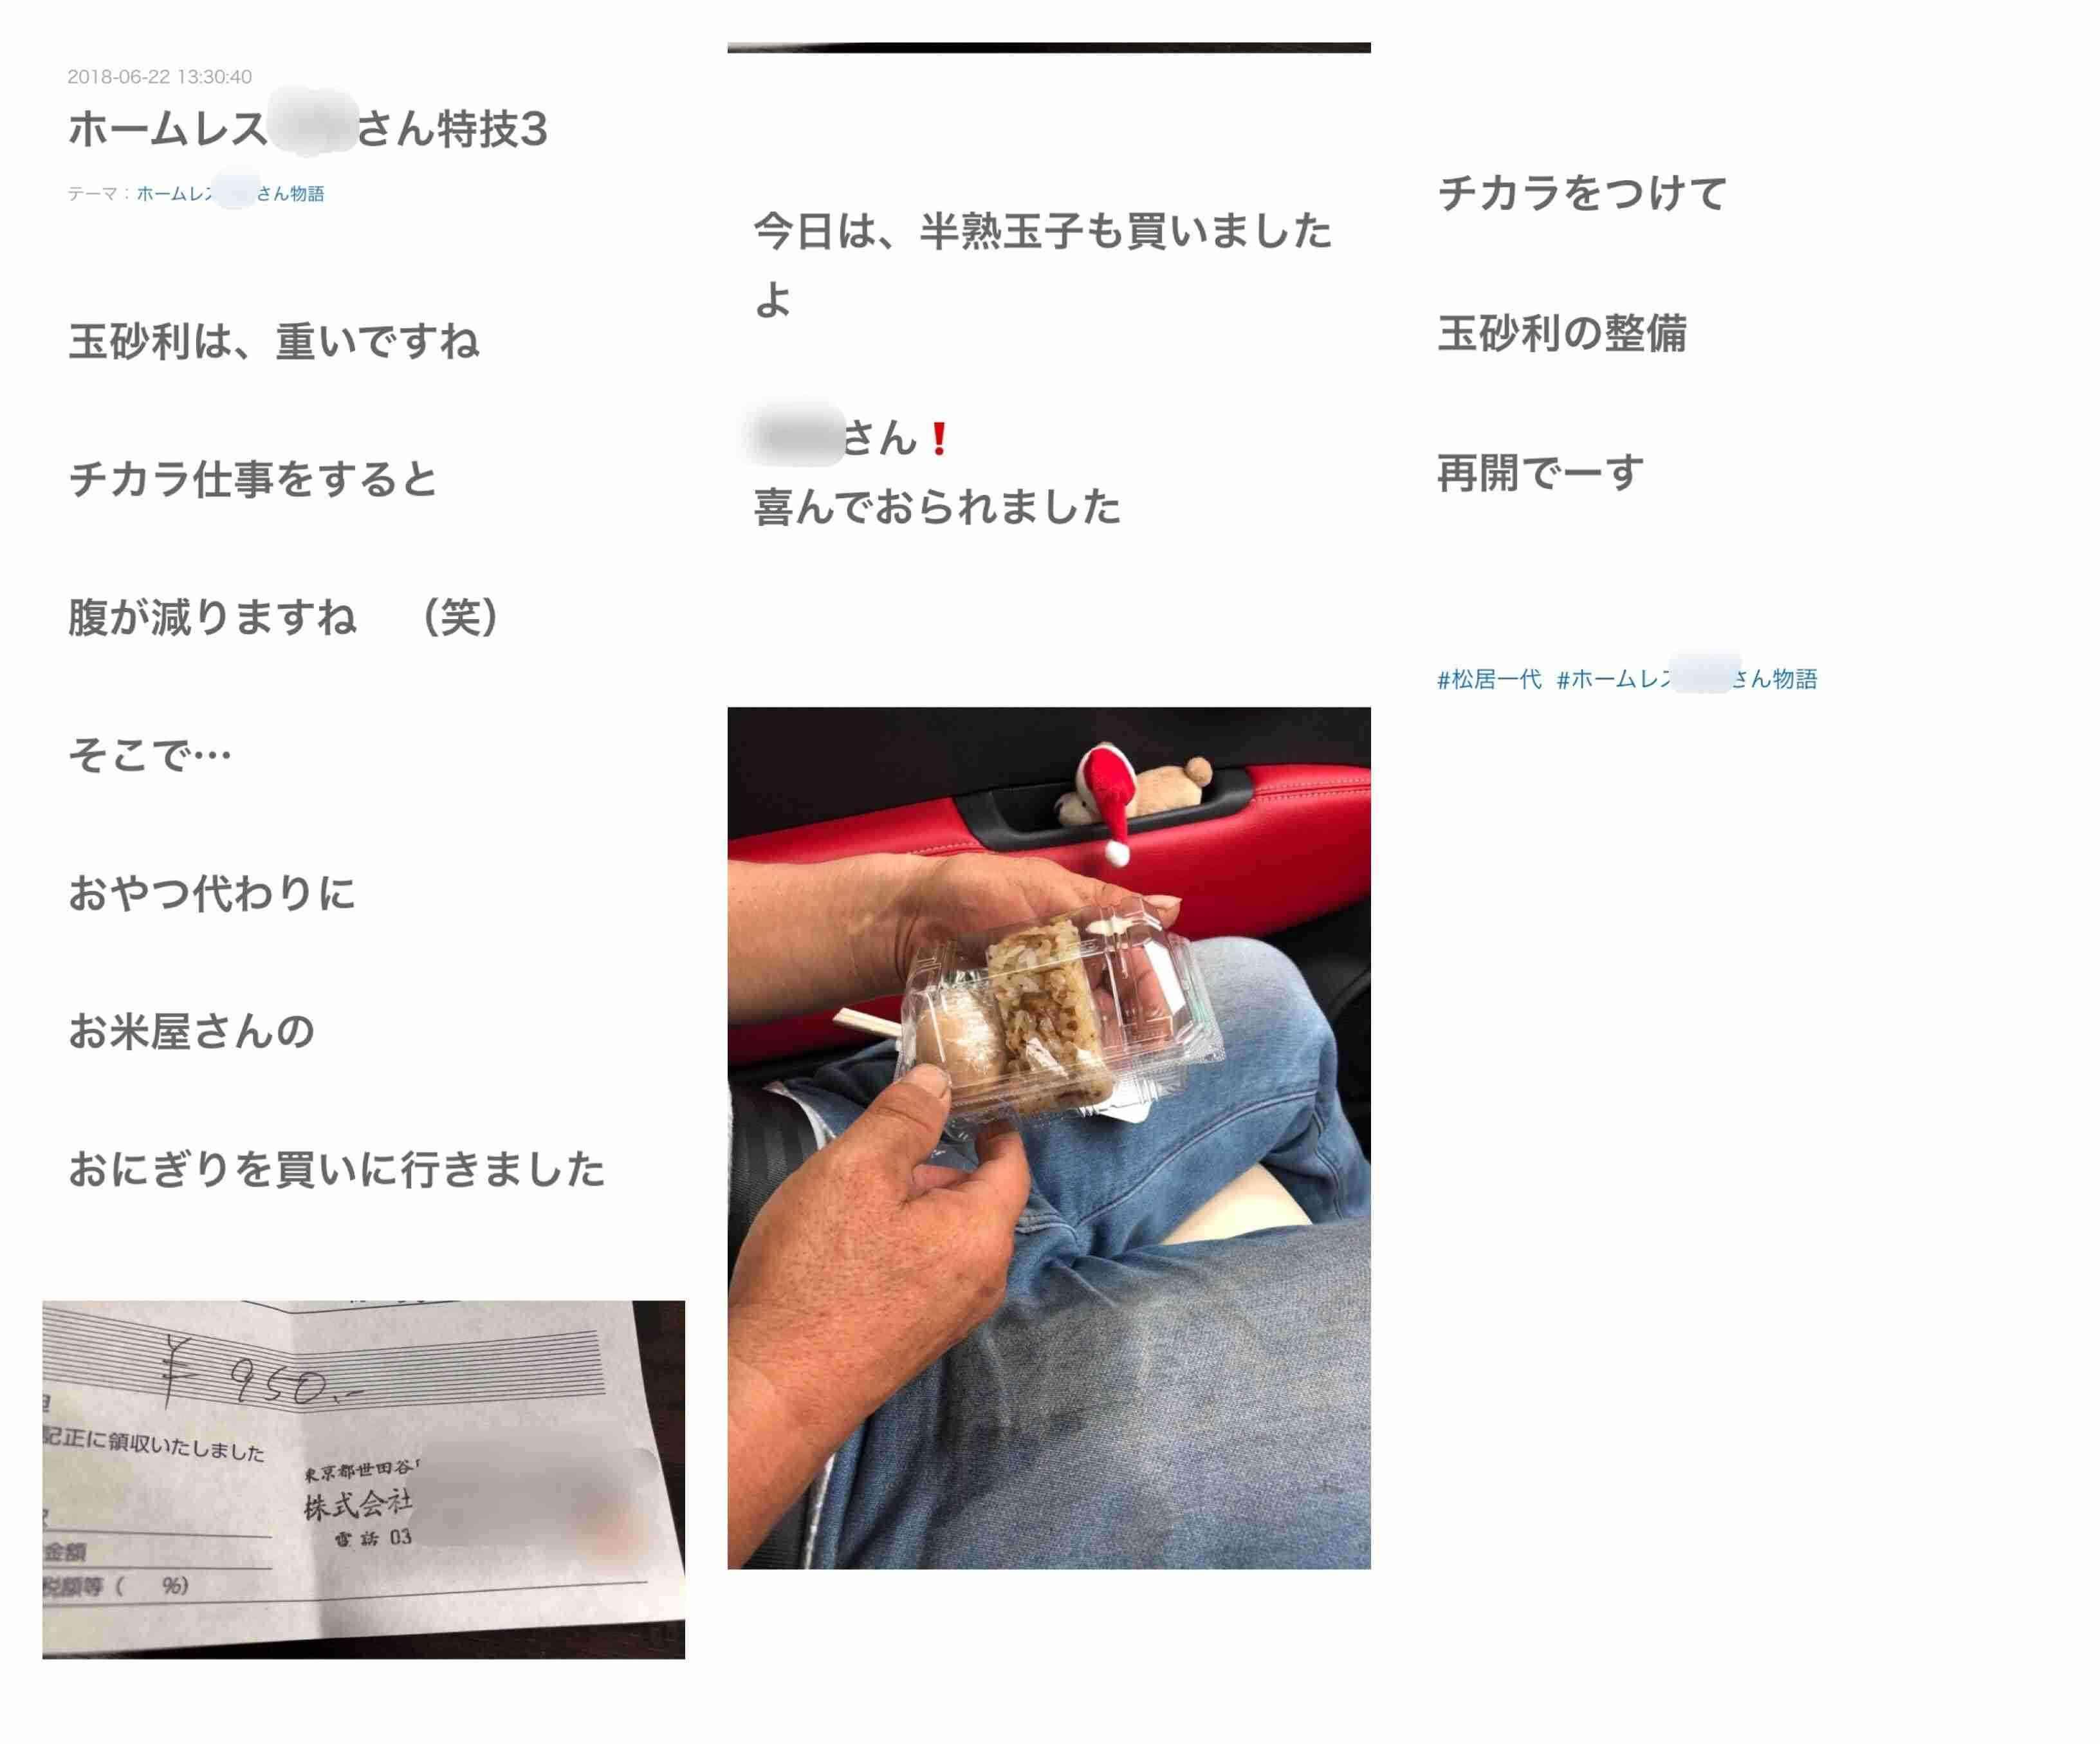 松居一代さんを書類送検 元夫の船越英一郎さんを中傷した疑い